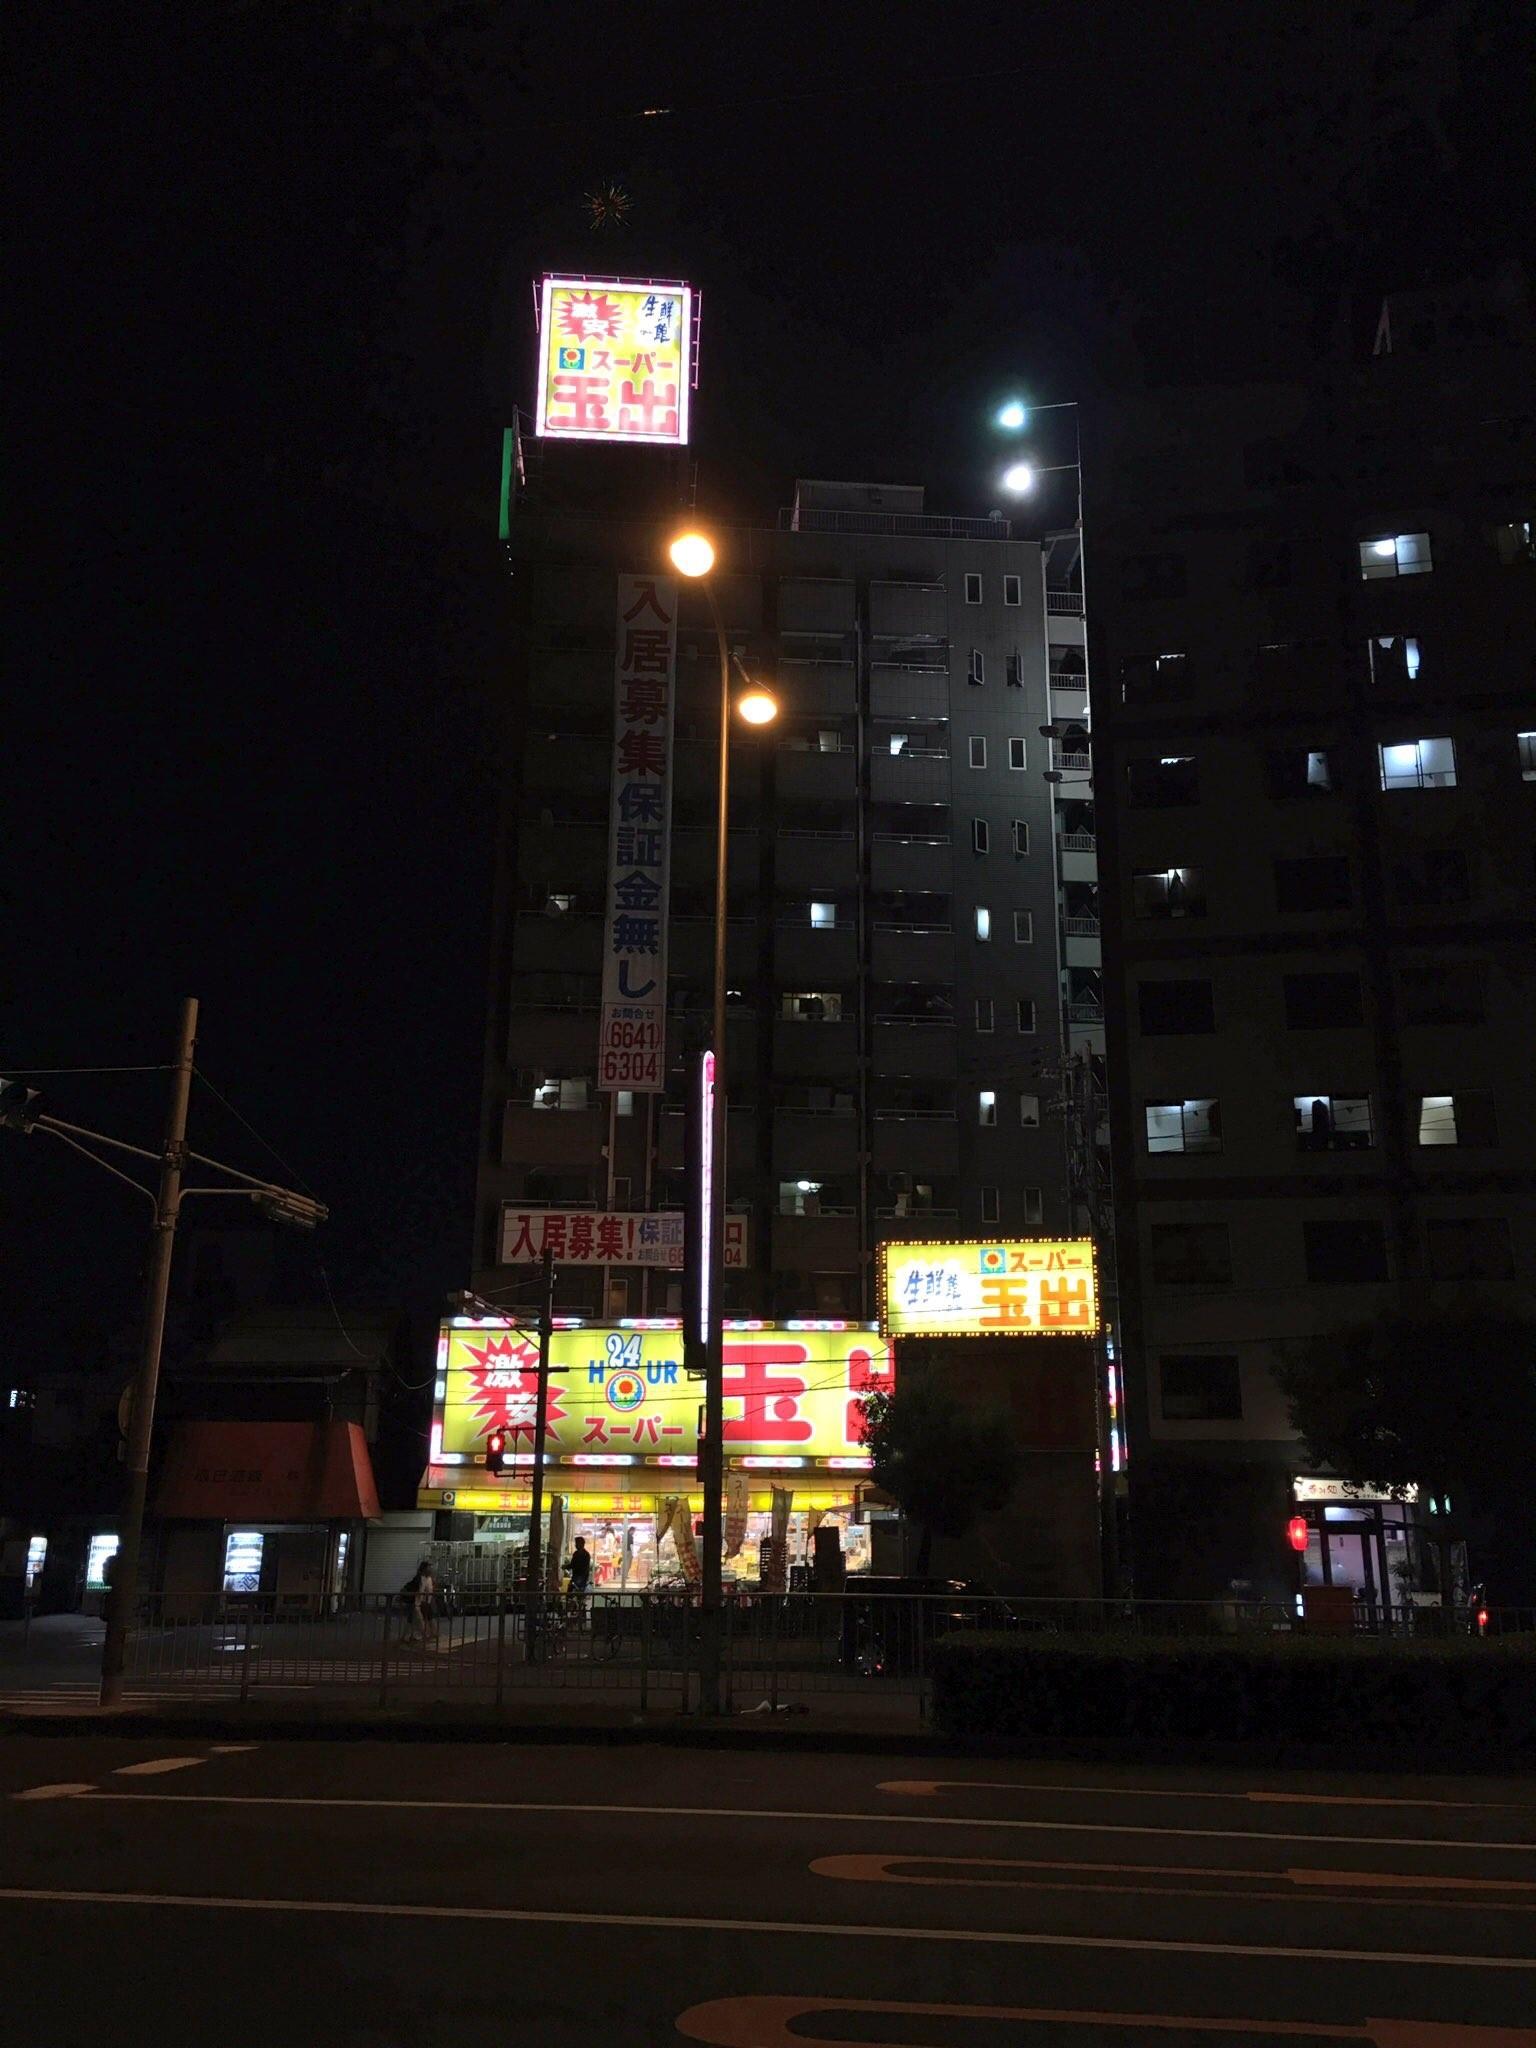 f:id:kougasetumei:20181010191054j:image